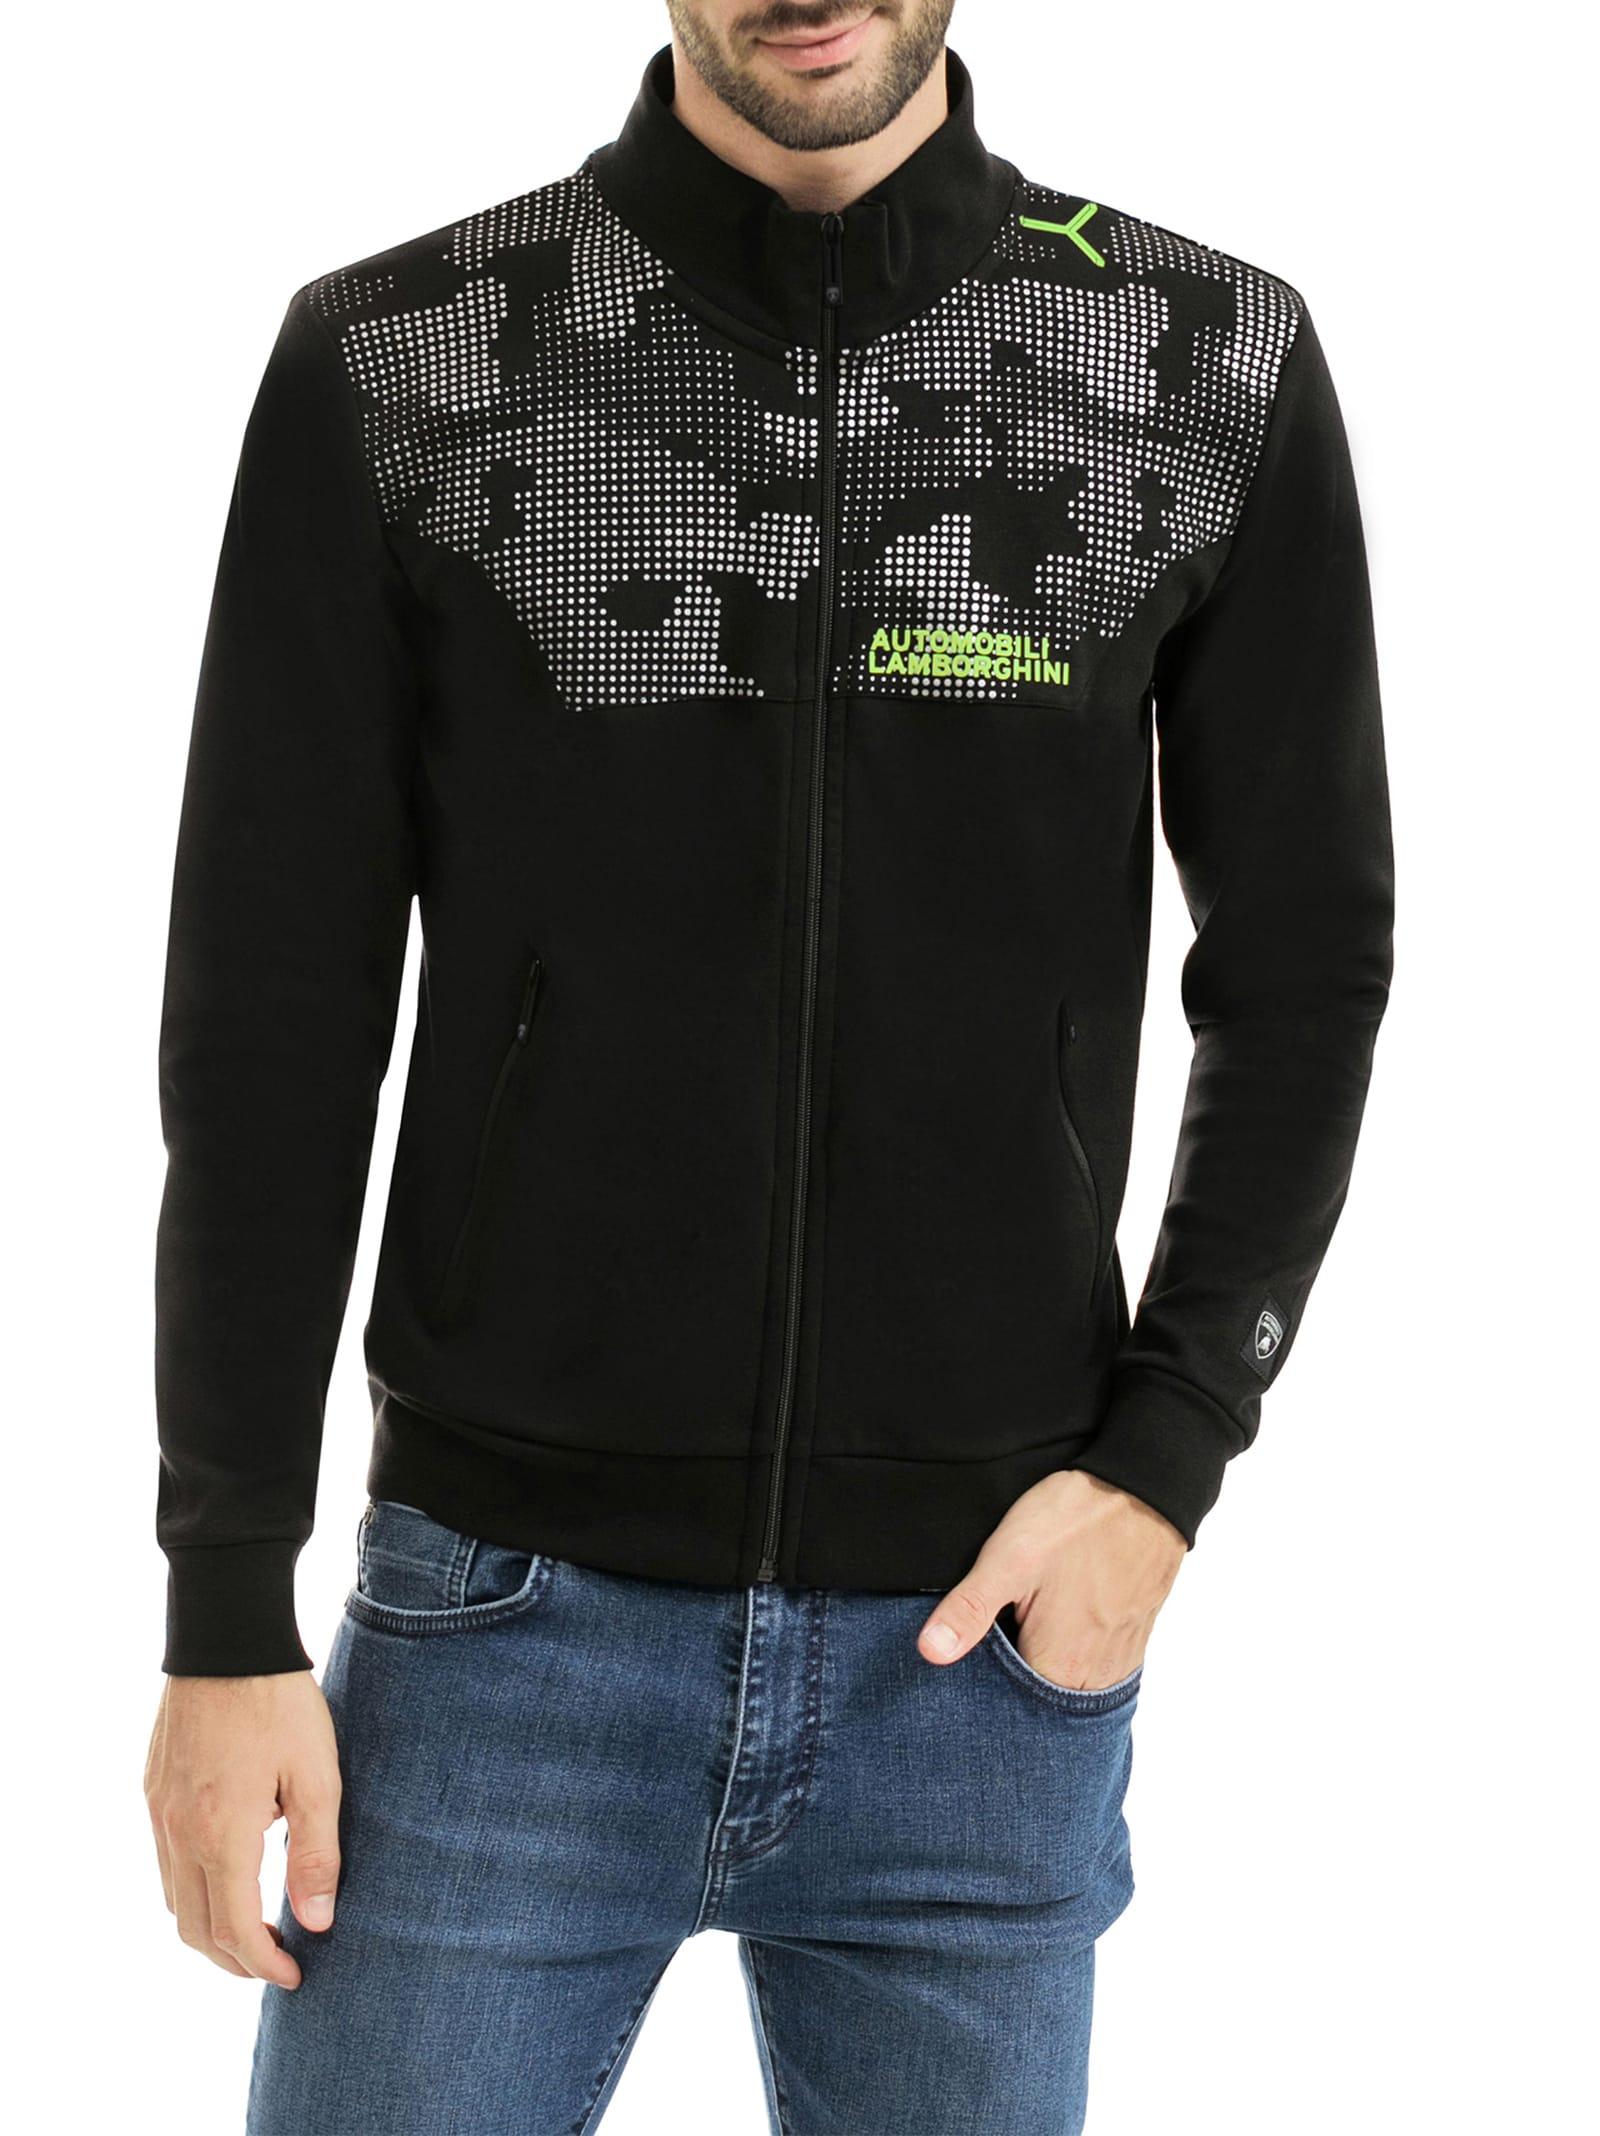 Camouflage Details Zip-up Sweatshirt